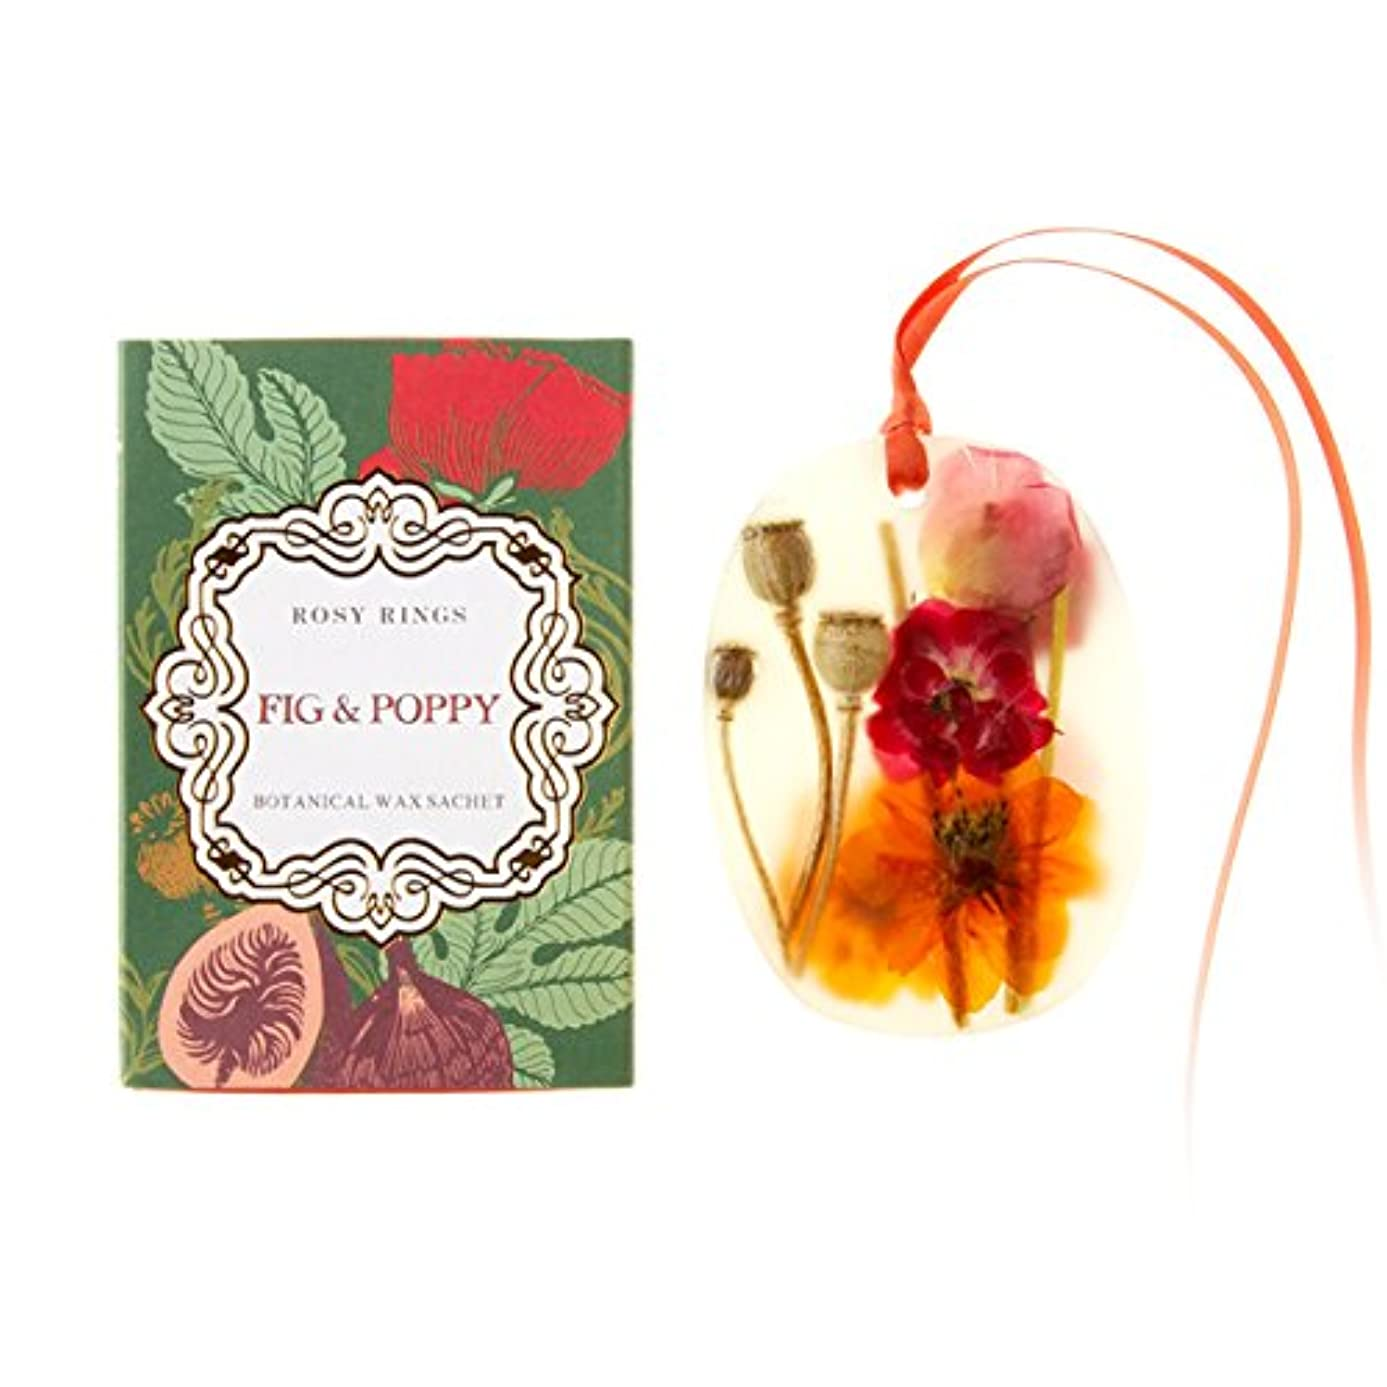 マウスピース違うウッズロージーリングス プティボタニカルサシェ フィグ&ポピー ROSY RINGS Petite Oval Botanical Wax Sachet Fig & Poppy